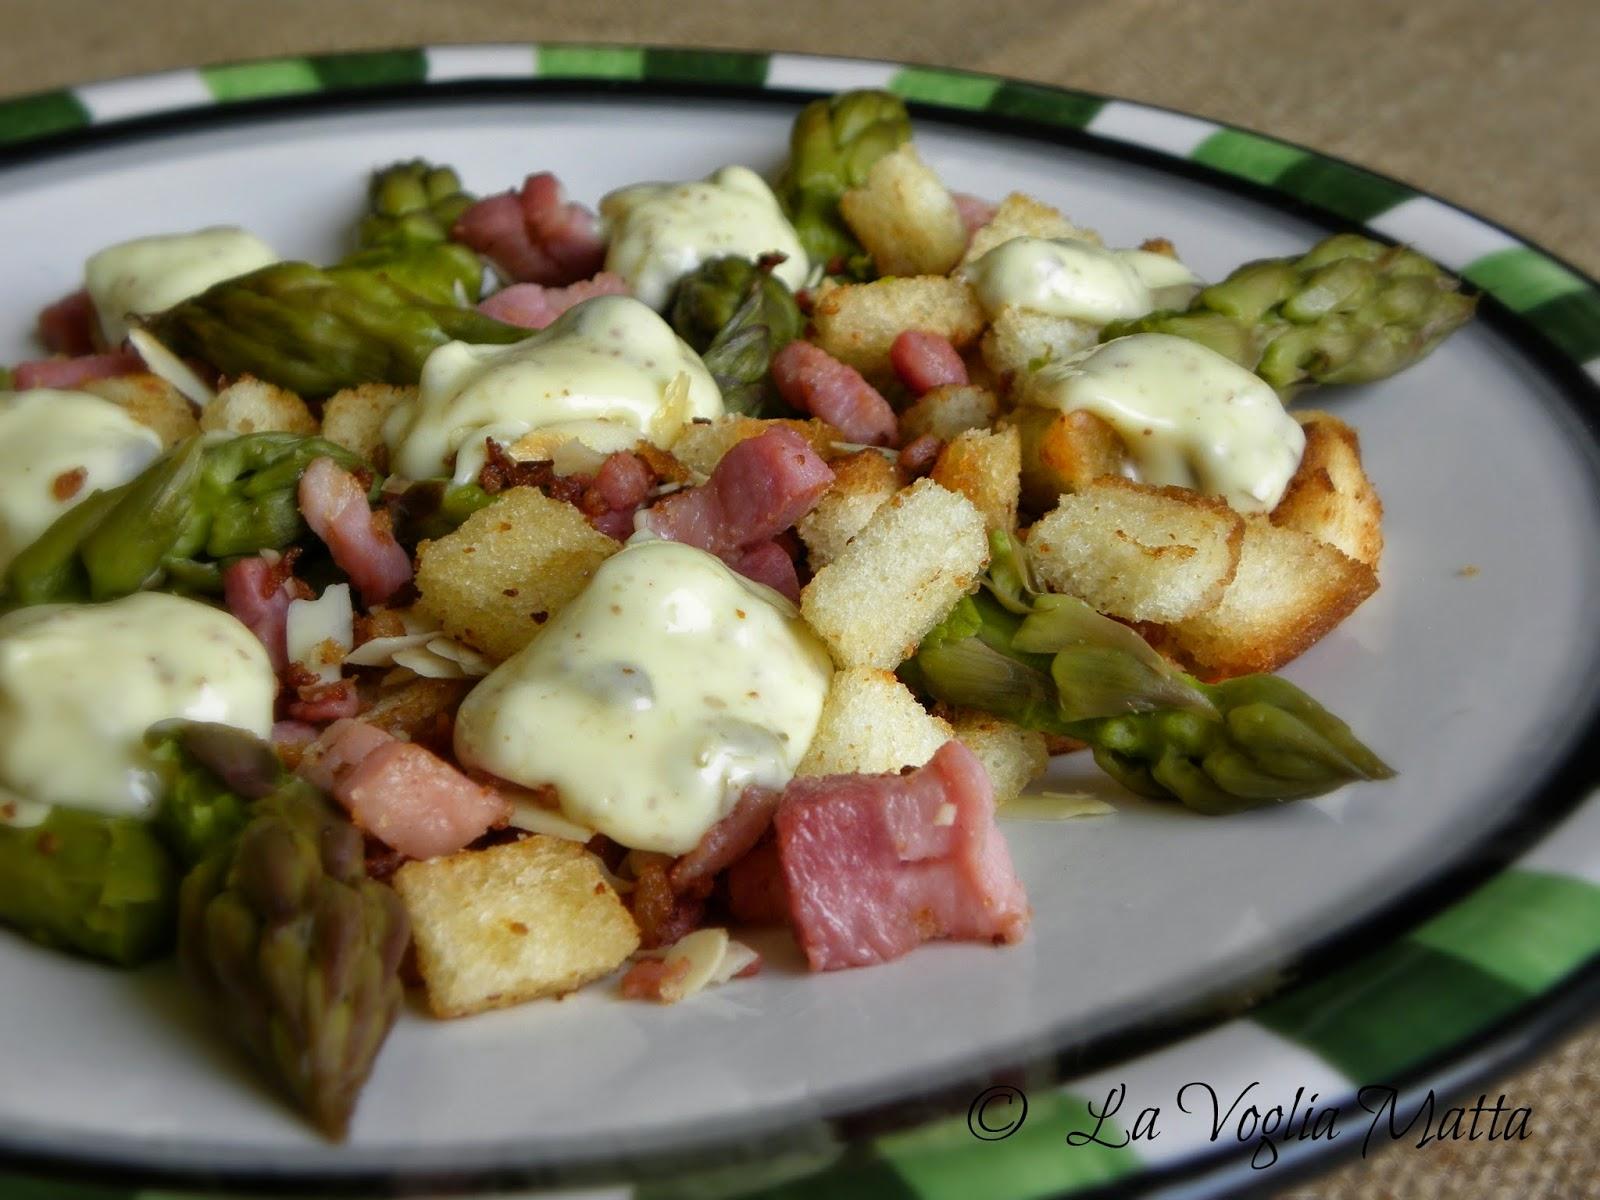 insalata croccante di asparagi, pancetta e mandorle